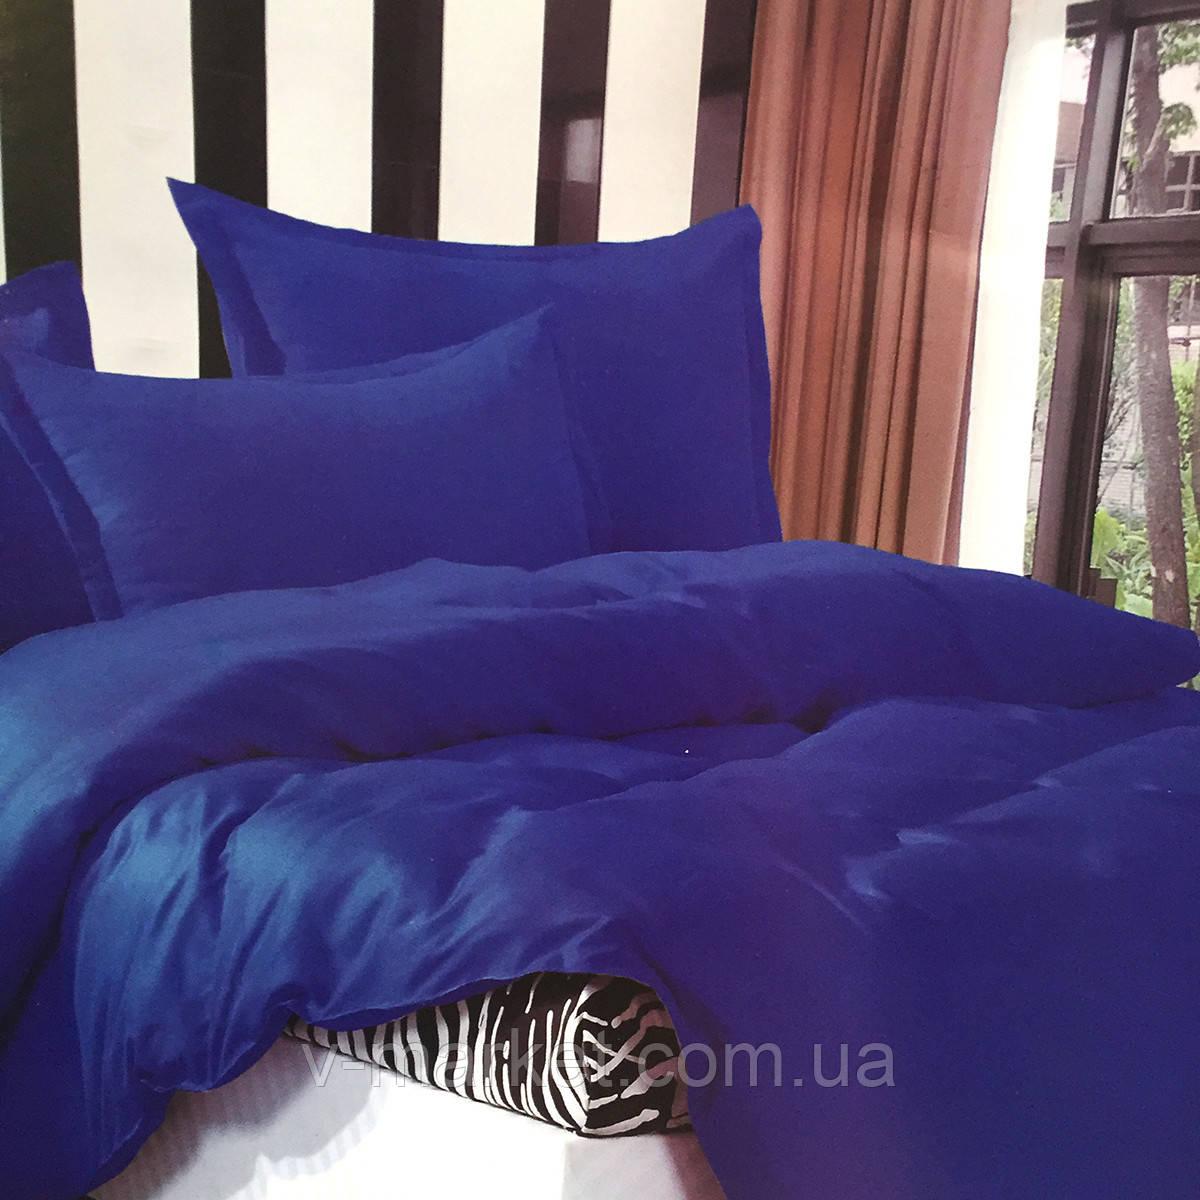 """""""Синій"""" комплект постільної білизни; двоспальний розмір 180/220 см з великою євро простирадлом, тканина страйп-сатин"""